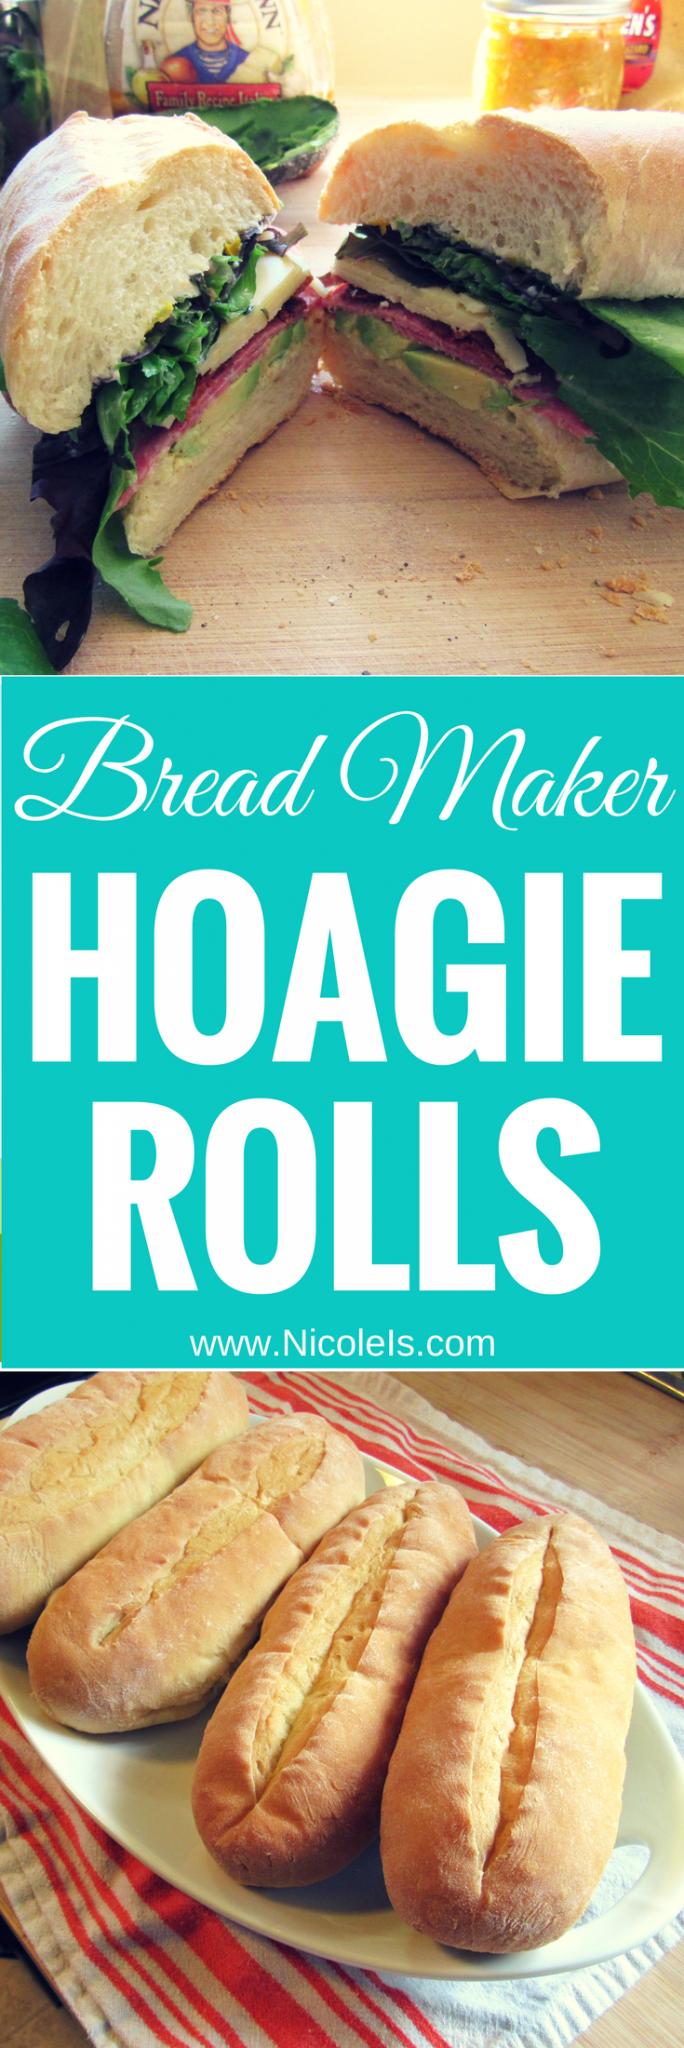 Bread Machine Hoagie Rolls | Easy as Bread Recipe - Nicole is